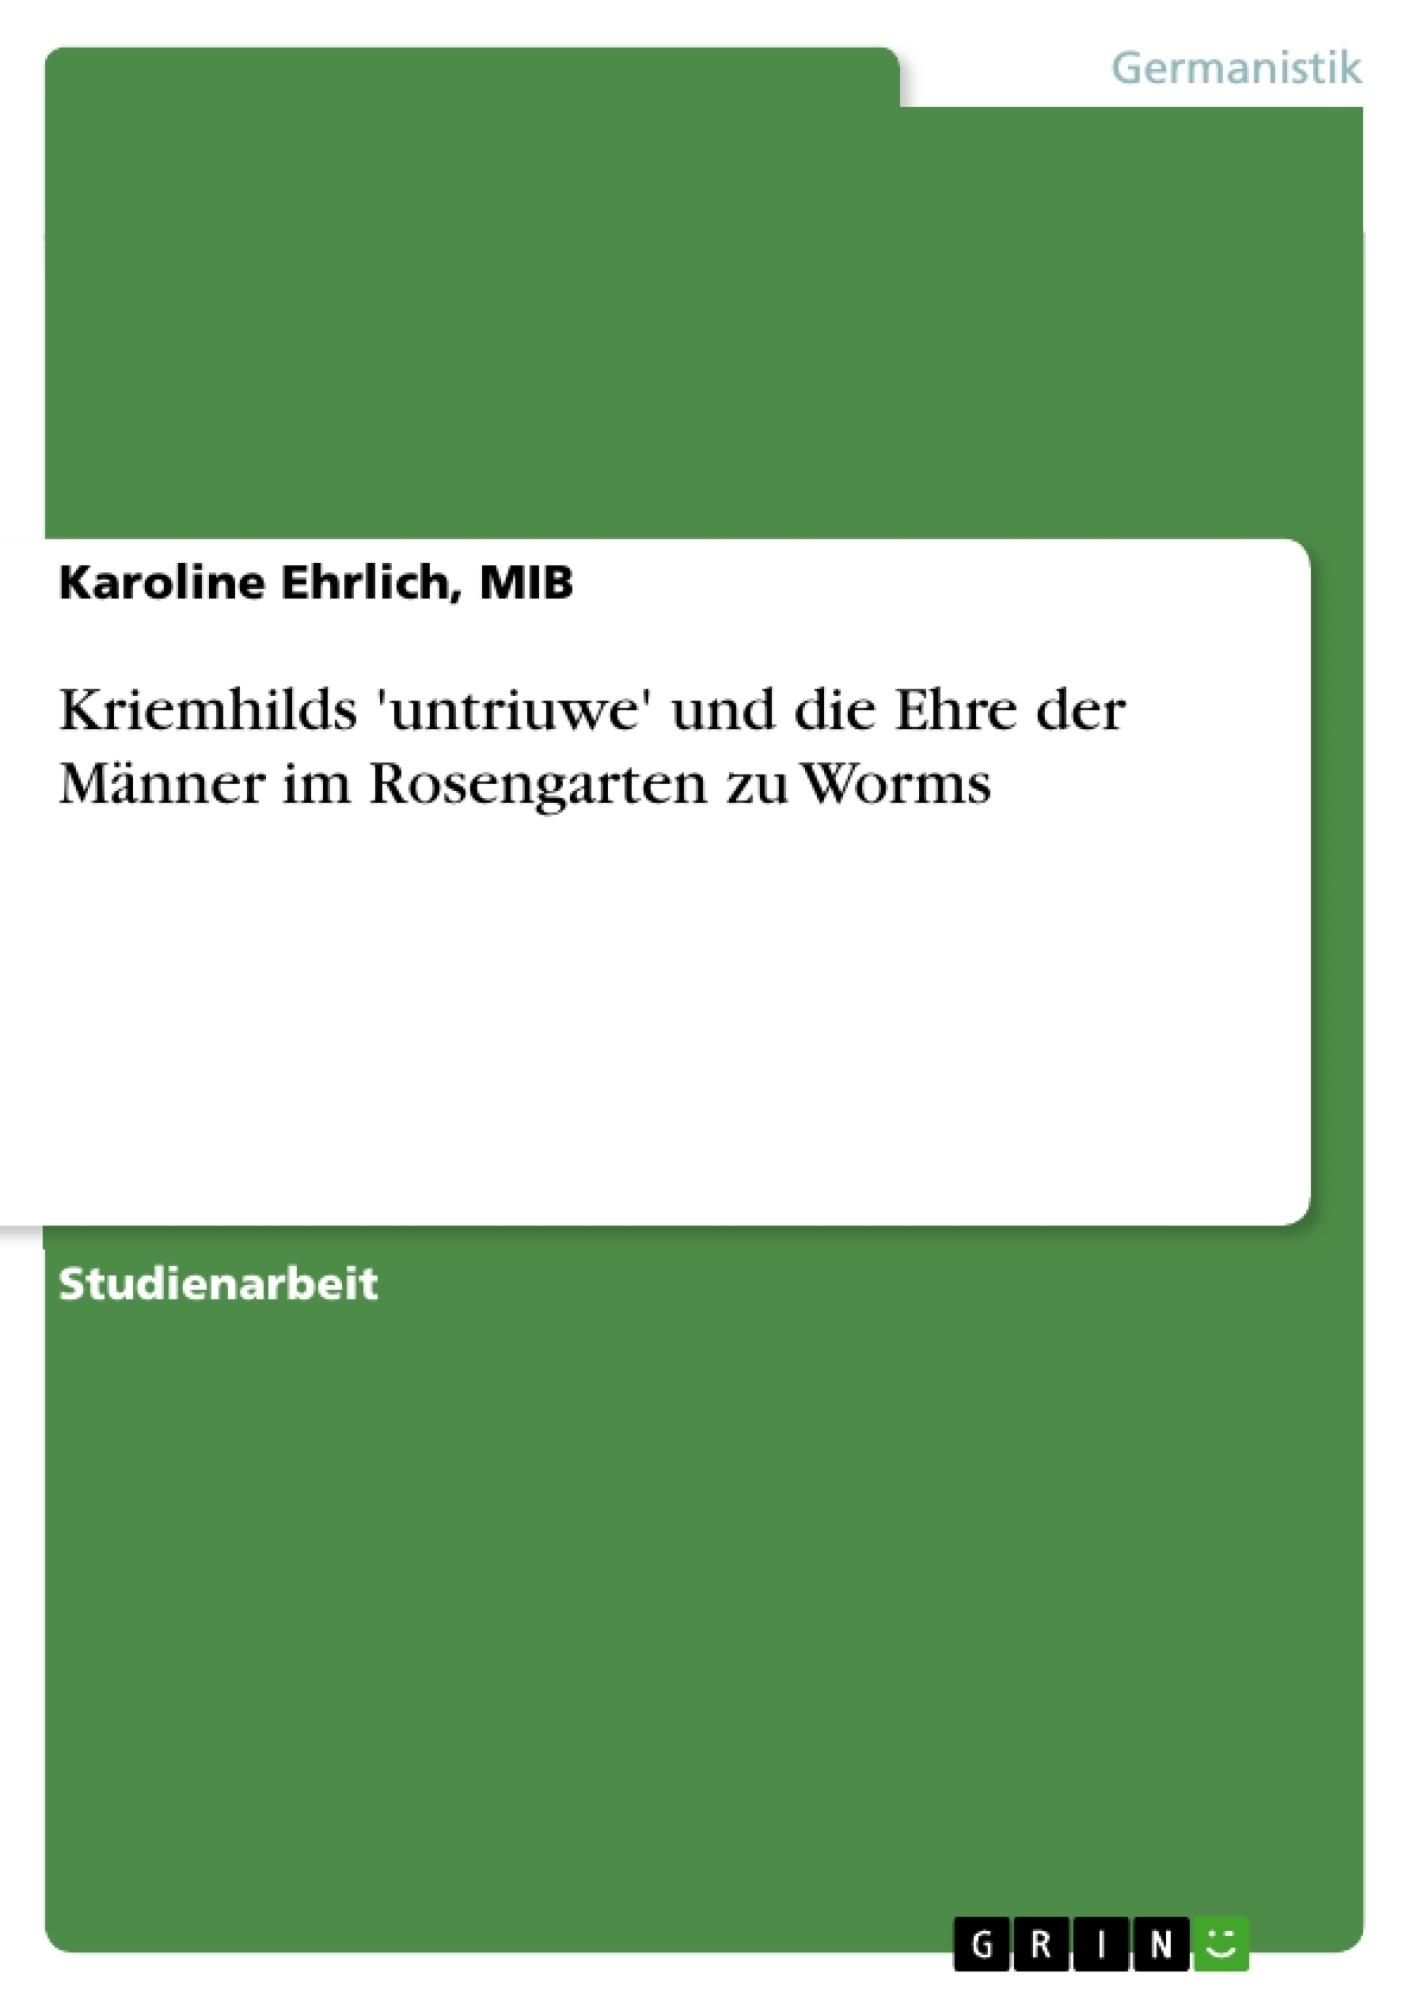 Titel: Kriemhilds 'untriuwe' und die Ehre der Männer im Rosengarten zu Worms